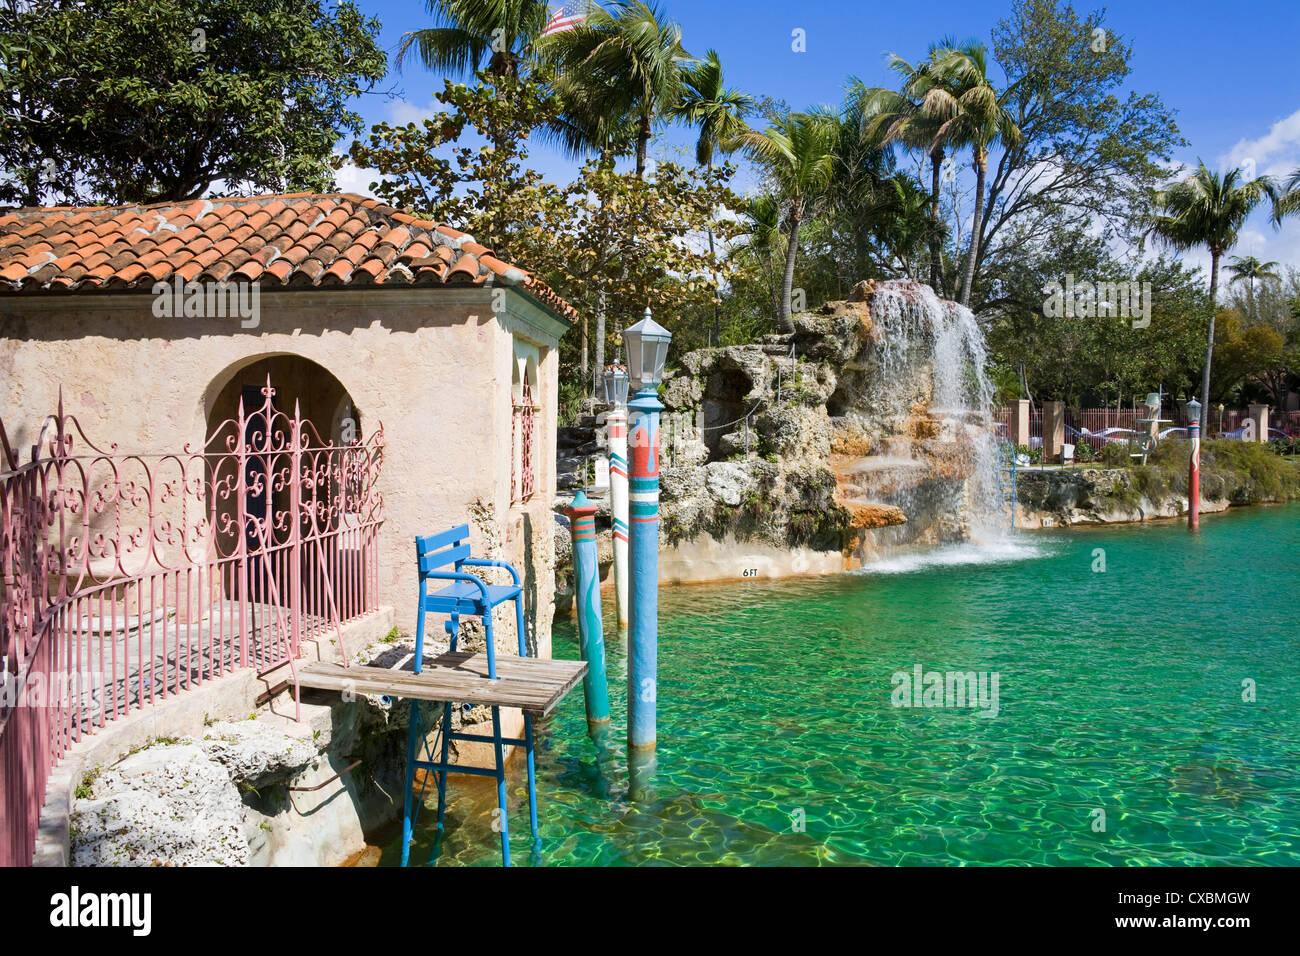 Venetian Pool, Coral Gables, Miami, Floride, États-Unis d'Amérique, Amérique du Nord Photo Stock